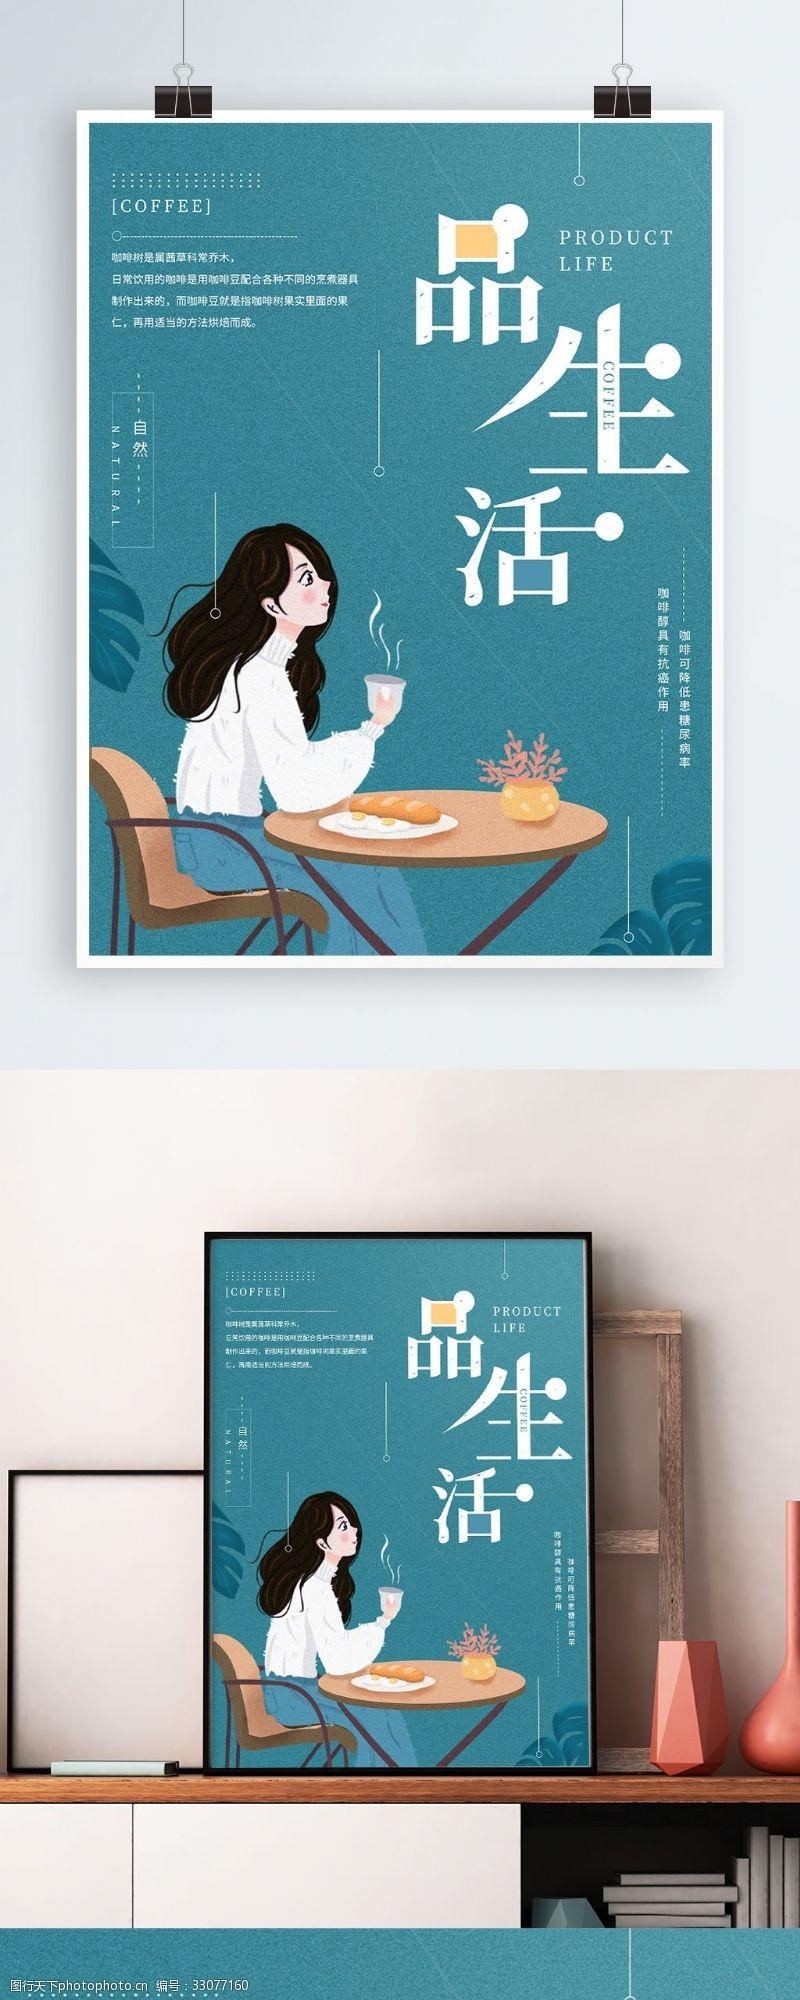 life清新典雅咖啡生活商业海报